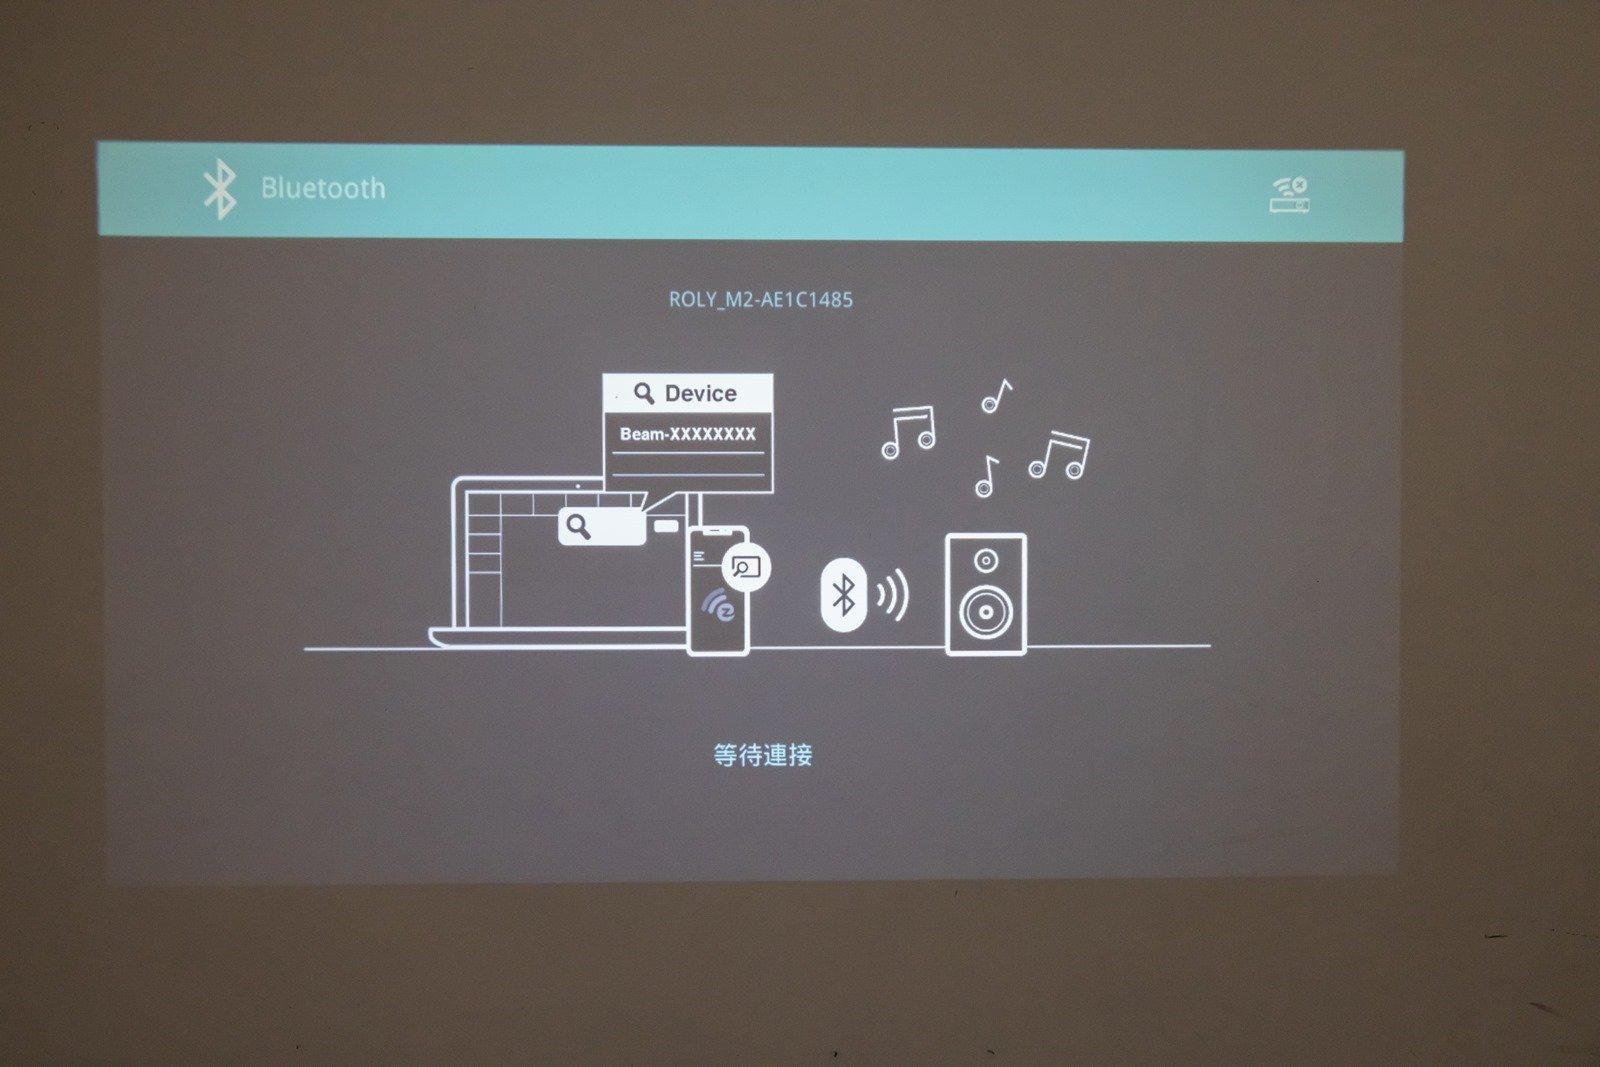 全功能就是好用!ROLY M2+多功能行動 LED 微型投影機讓手機、電腦甚至記憶卡都能享受巨大畫面快感! @3C 達人廖阿輝